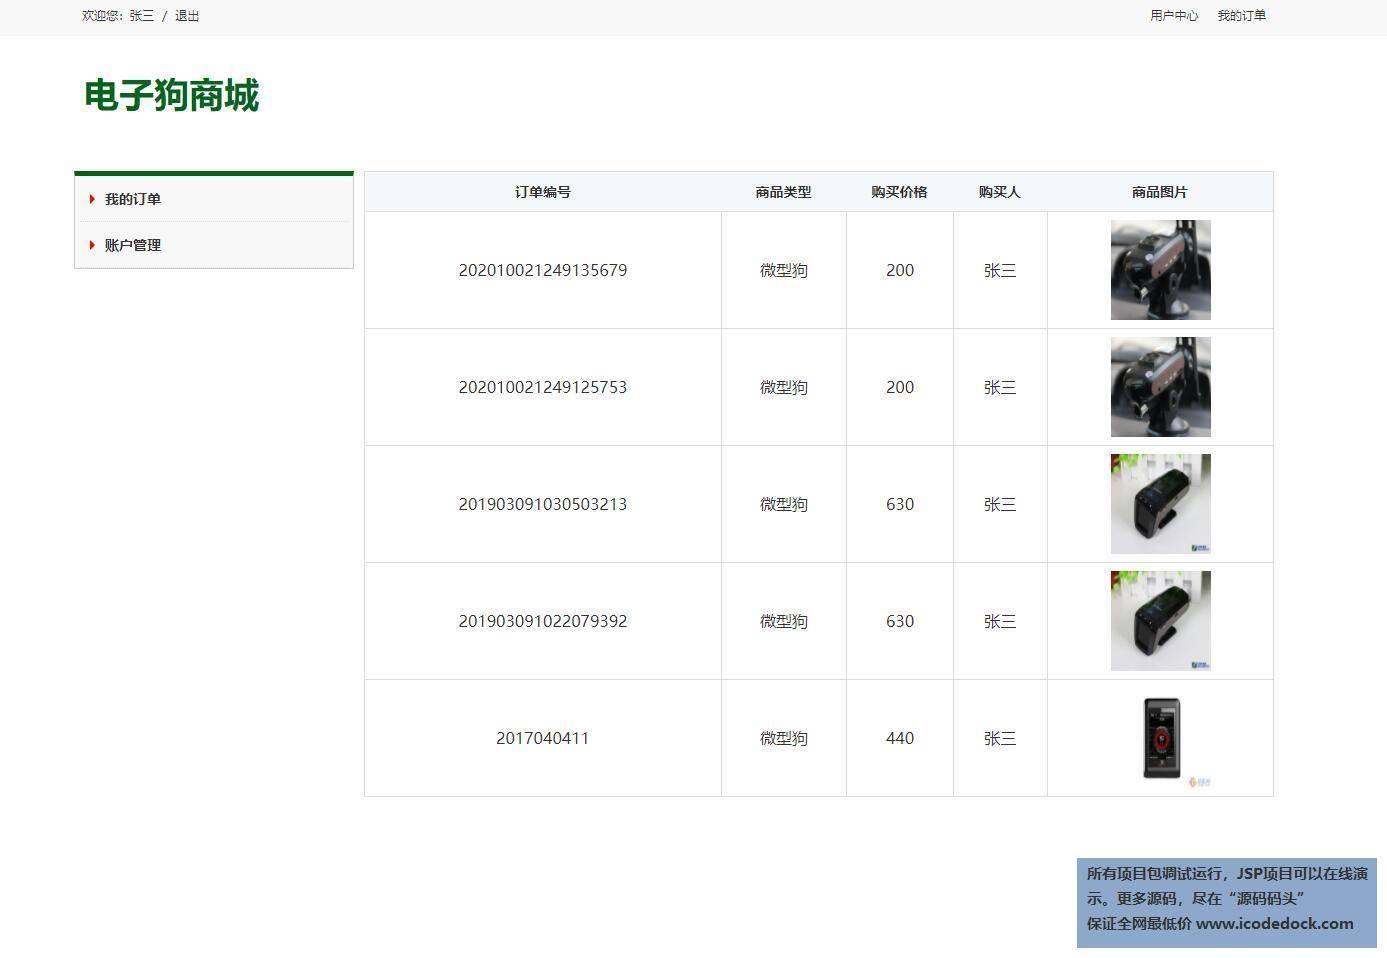 源码码头-SSH电子产品商城-用户角色-查看我的订单